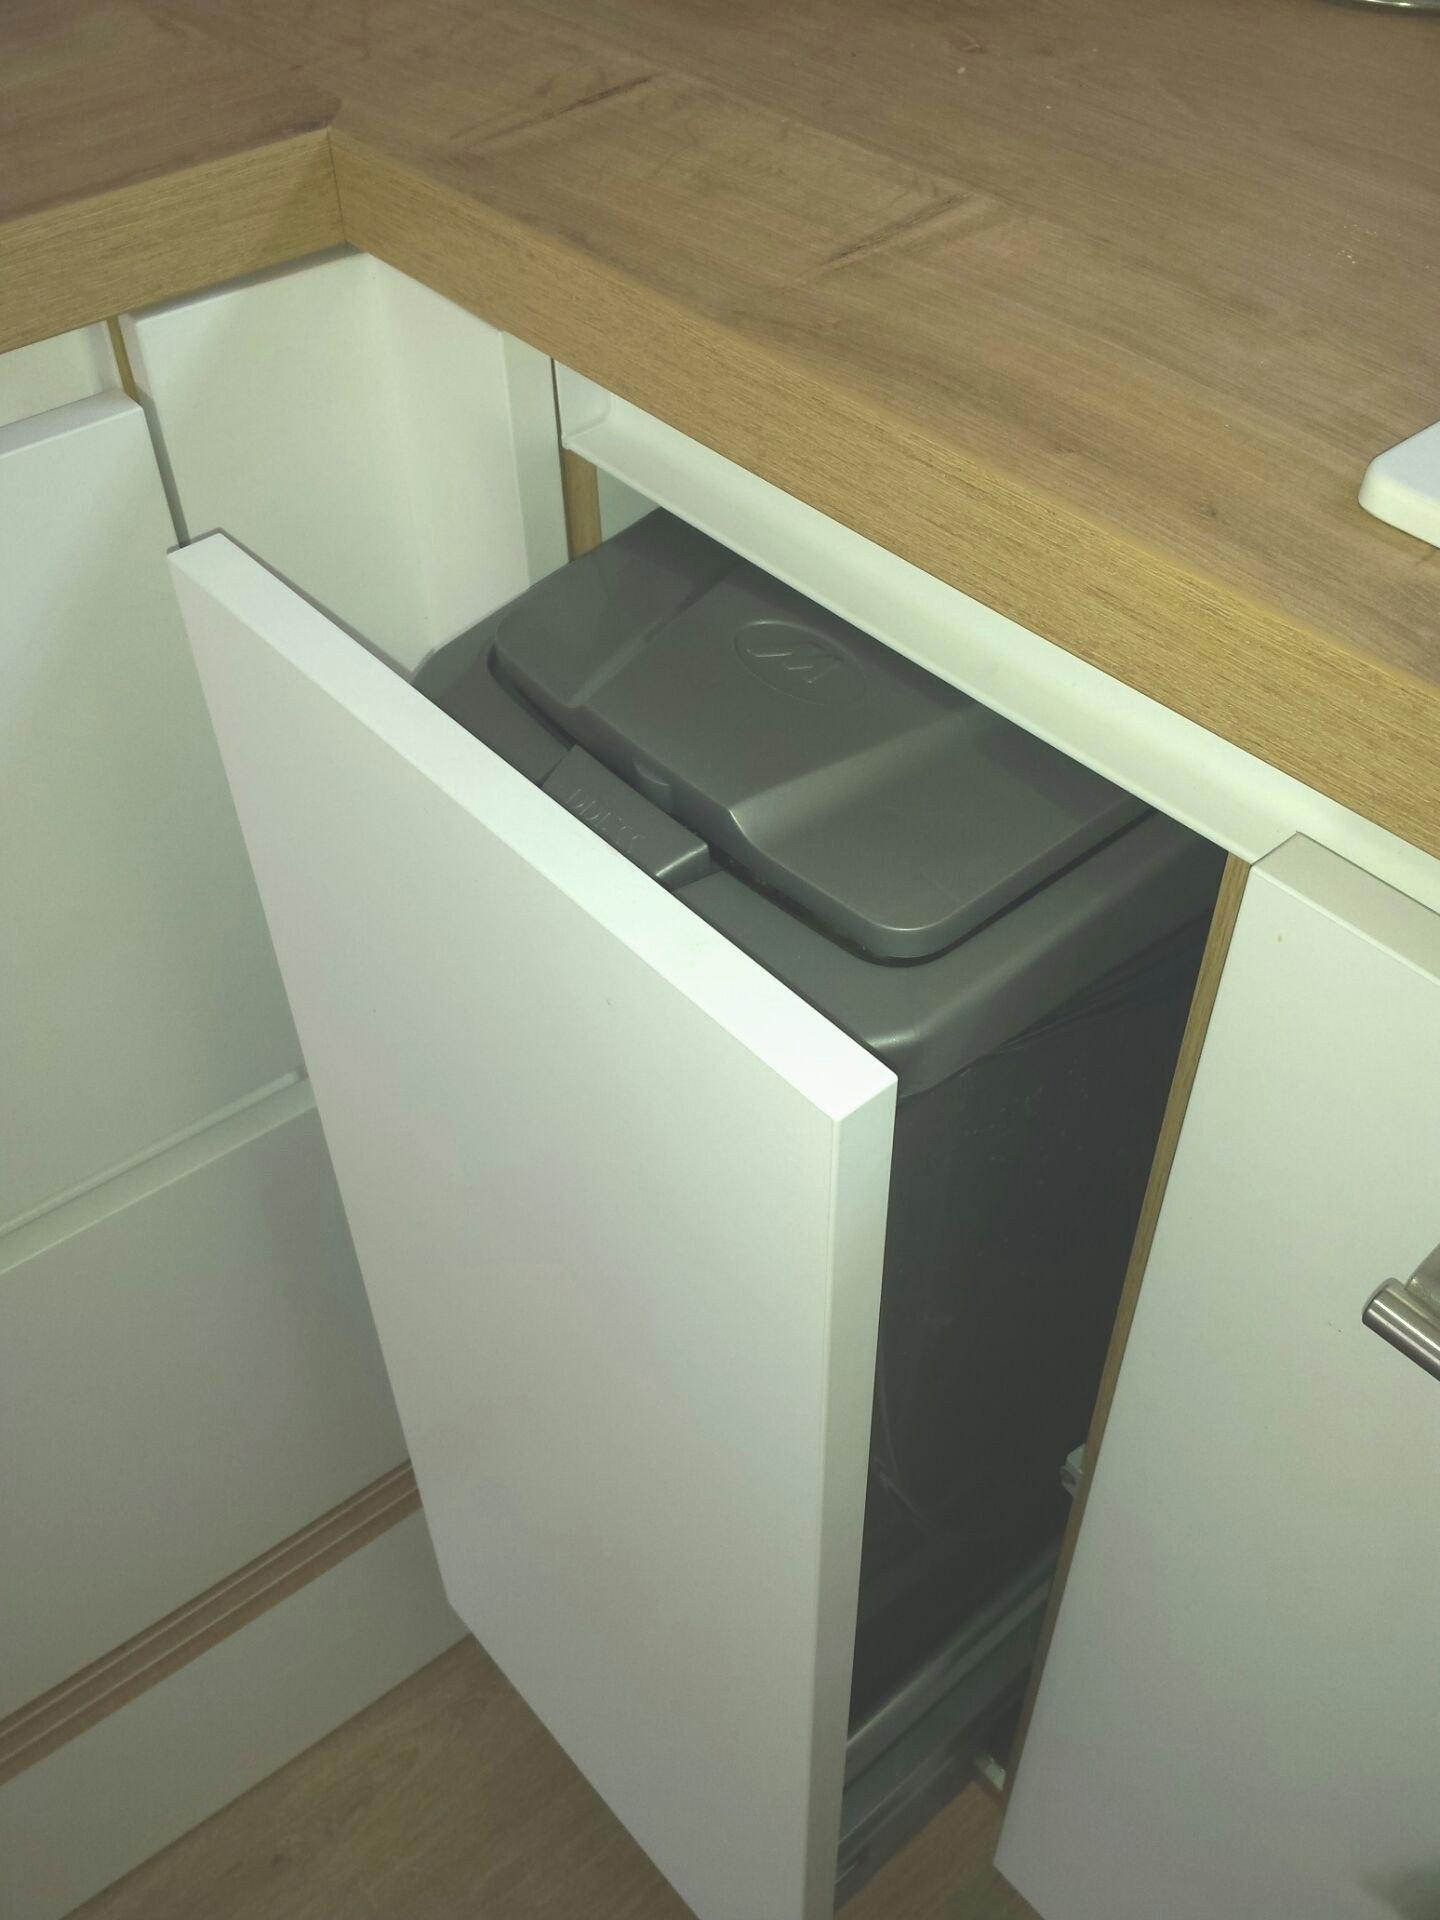 Prise electrique plan de travail cuisine ikea livraison - Poubelle cuisine encastrable dans plan de travail ...